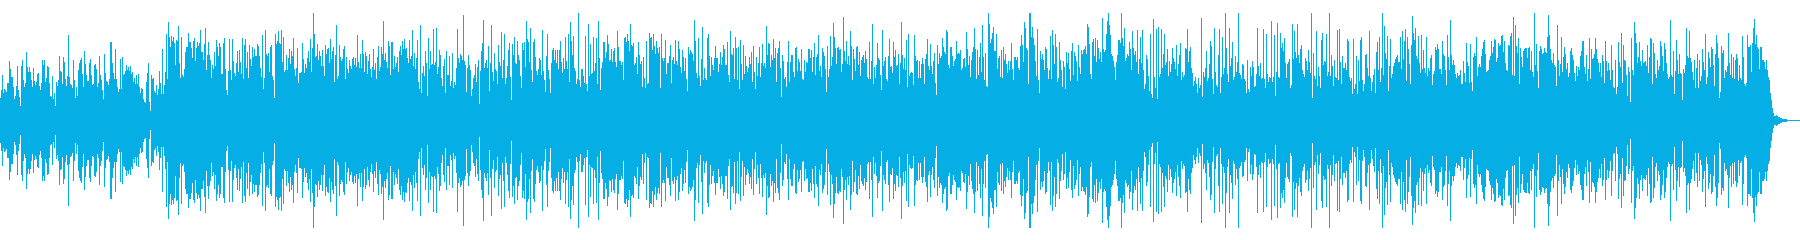 ソロの楽器が入れ替わるスムースジャズの再生済みの波形